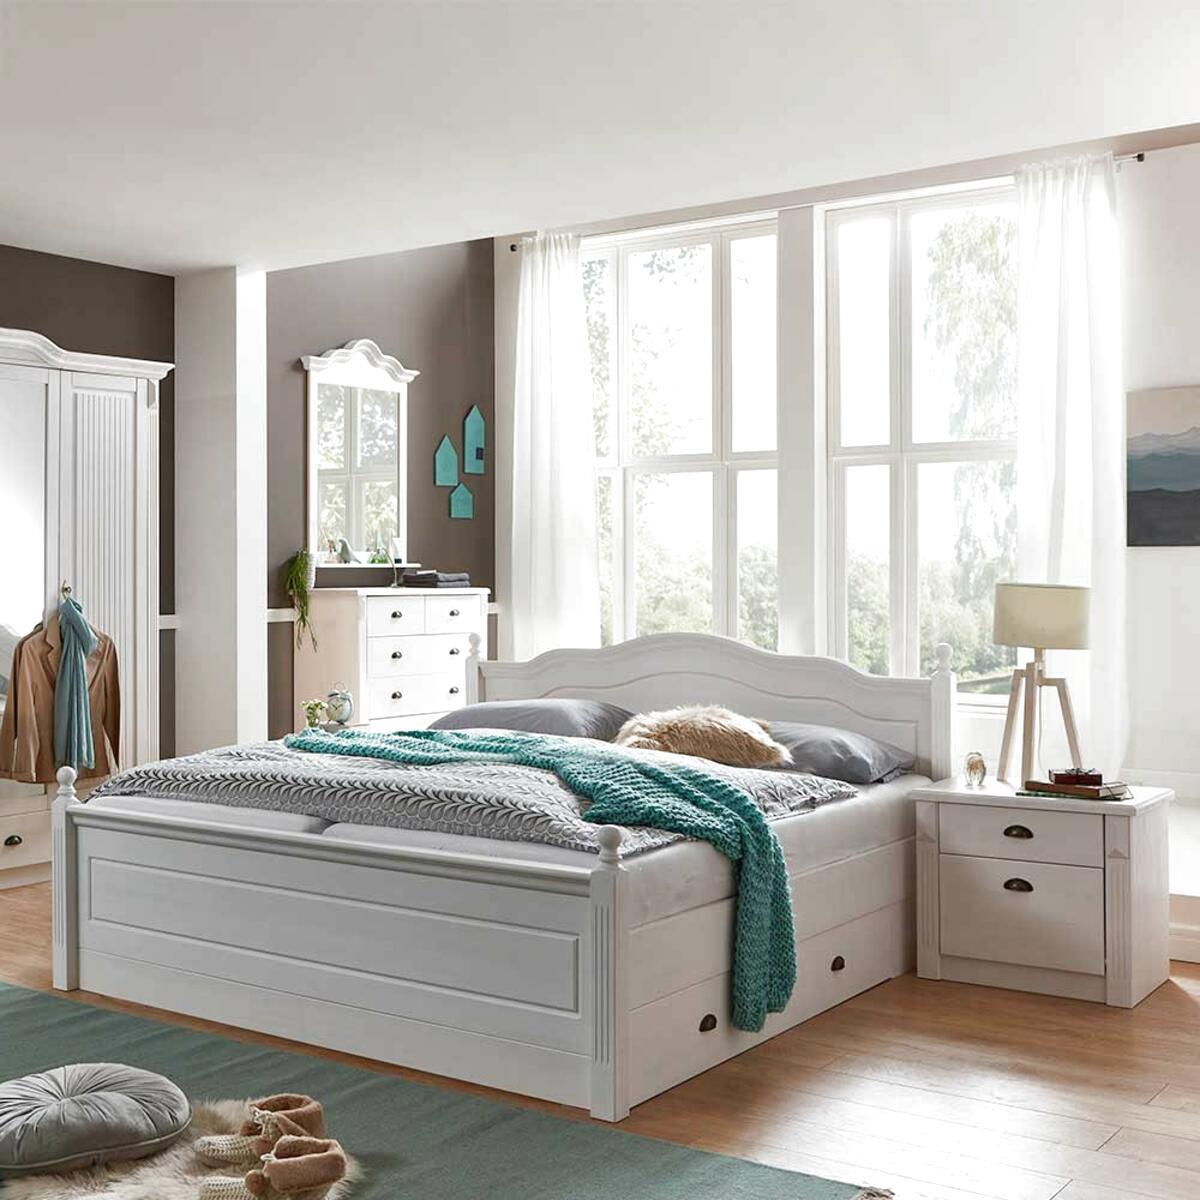 Schlafzimmer Landhaus Gebraucht Kaufen Nur 3 St Bis 65 Gunstiger